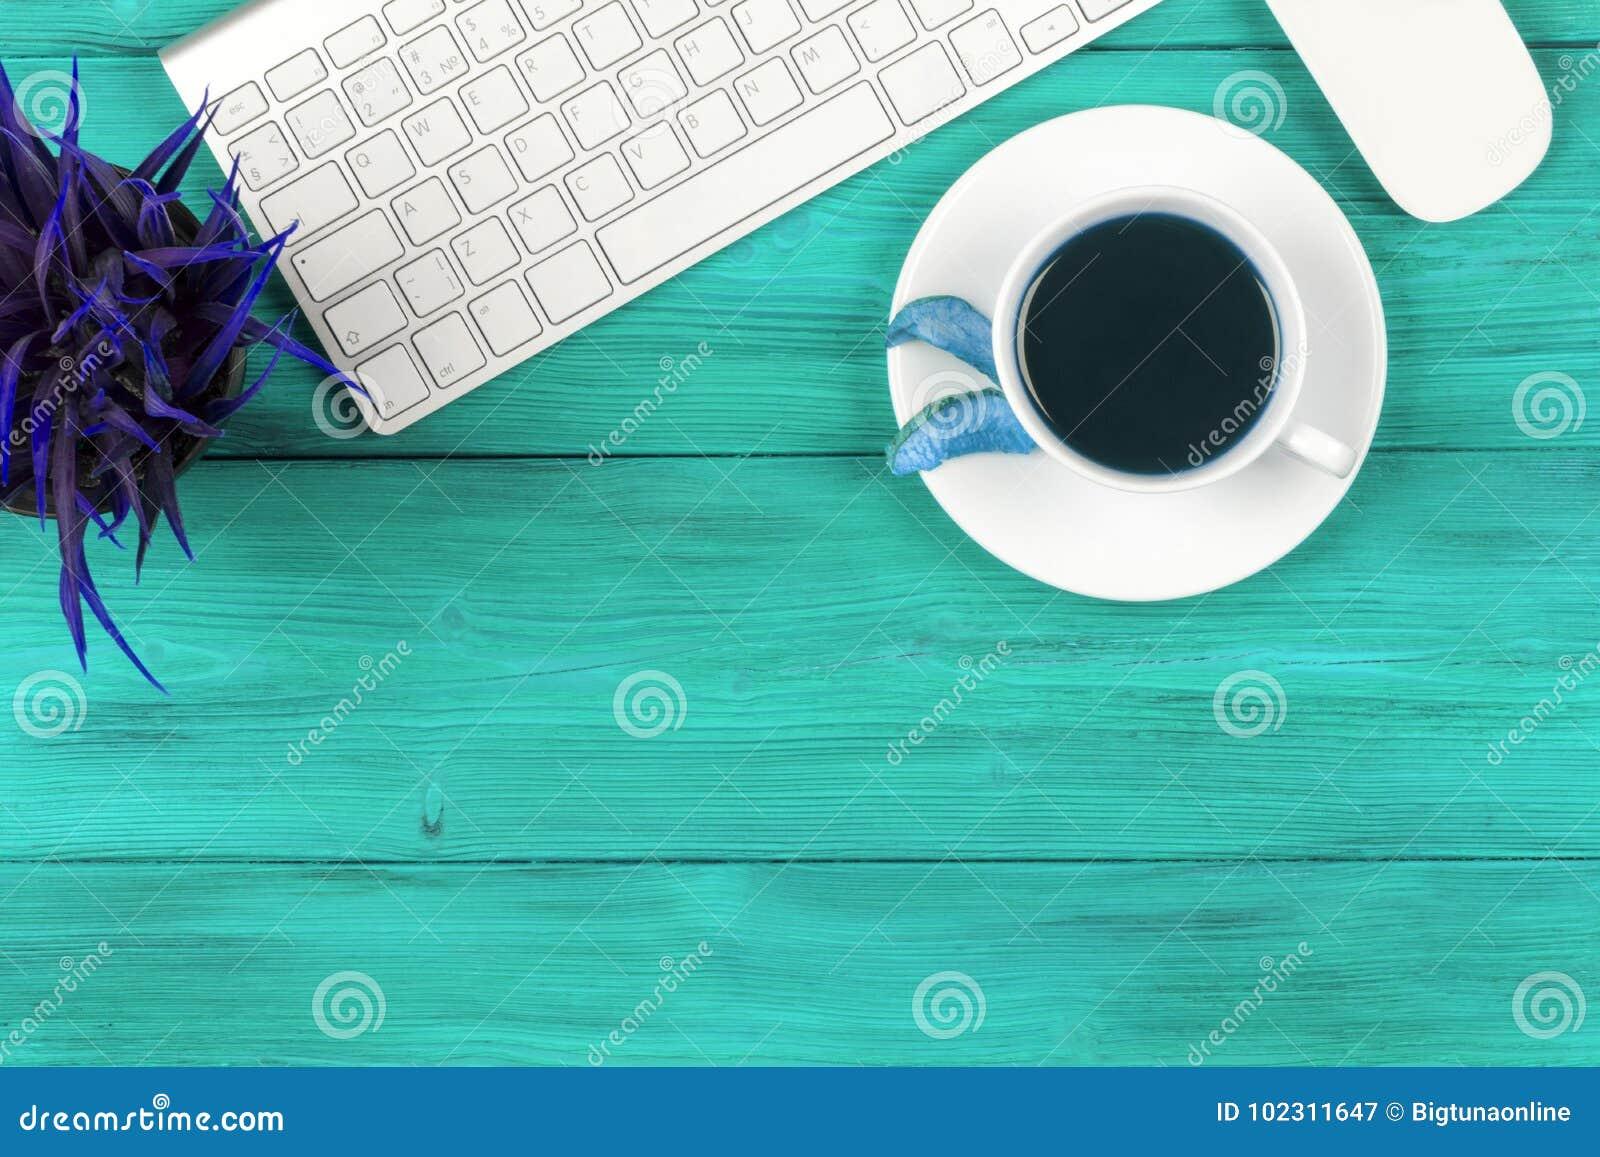 Стол офиса с космосом экземпляра Приборы беспроводная клавиатура и мышь цифров на голубом деревянном столе с чашкой свежего кофе,